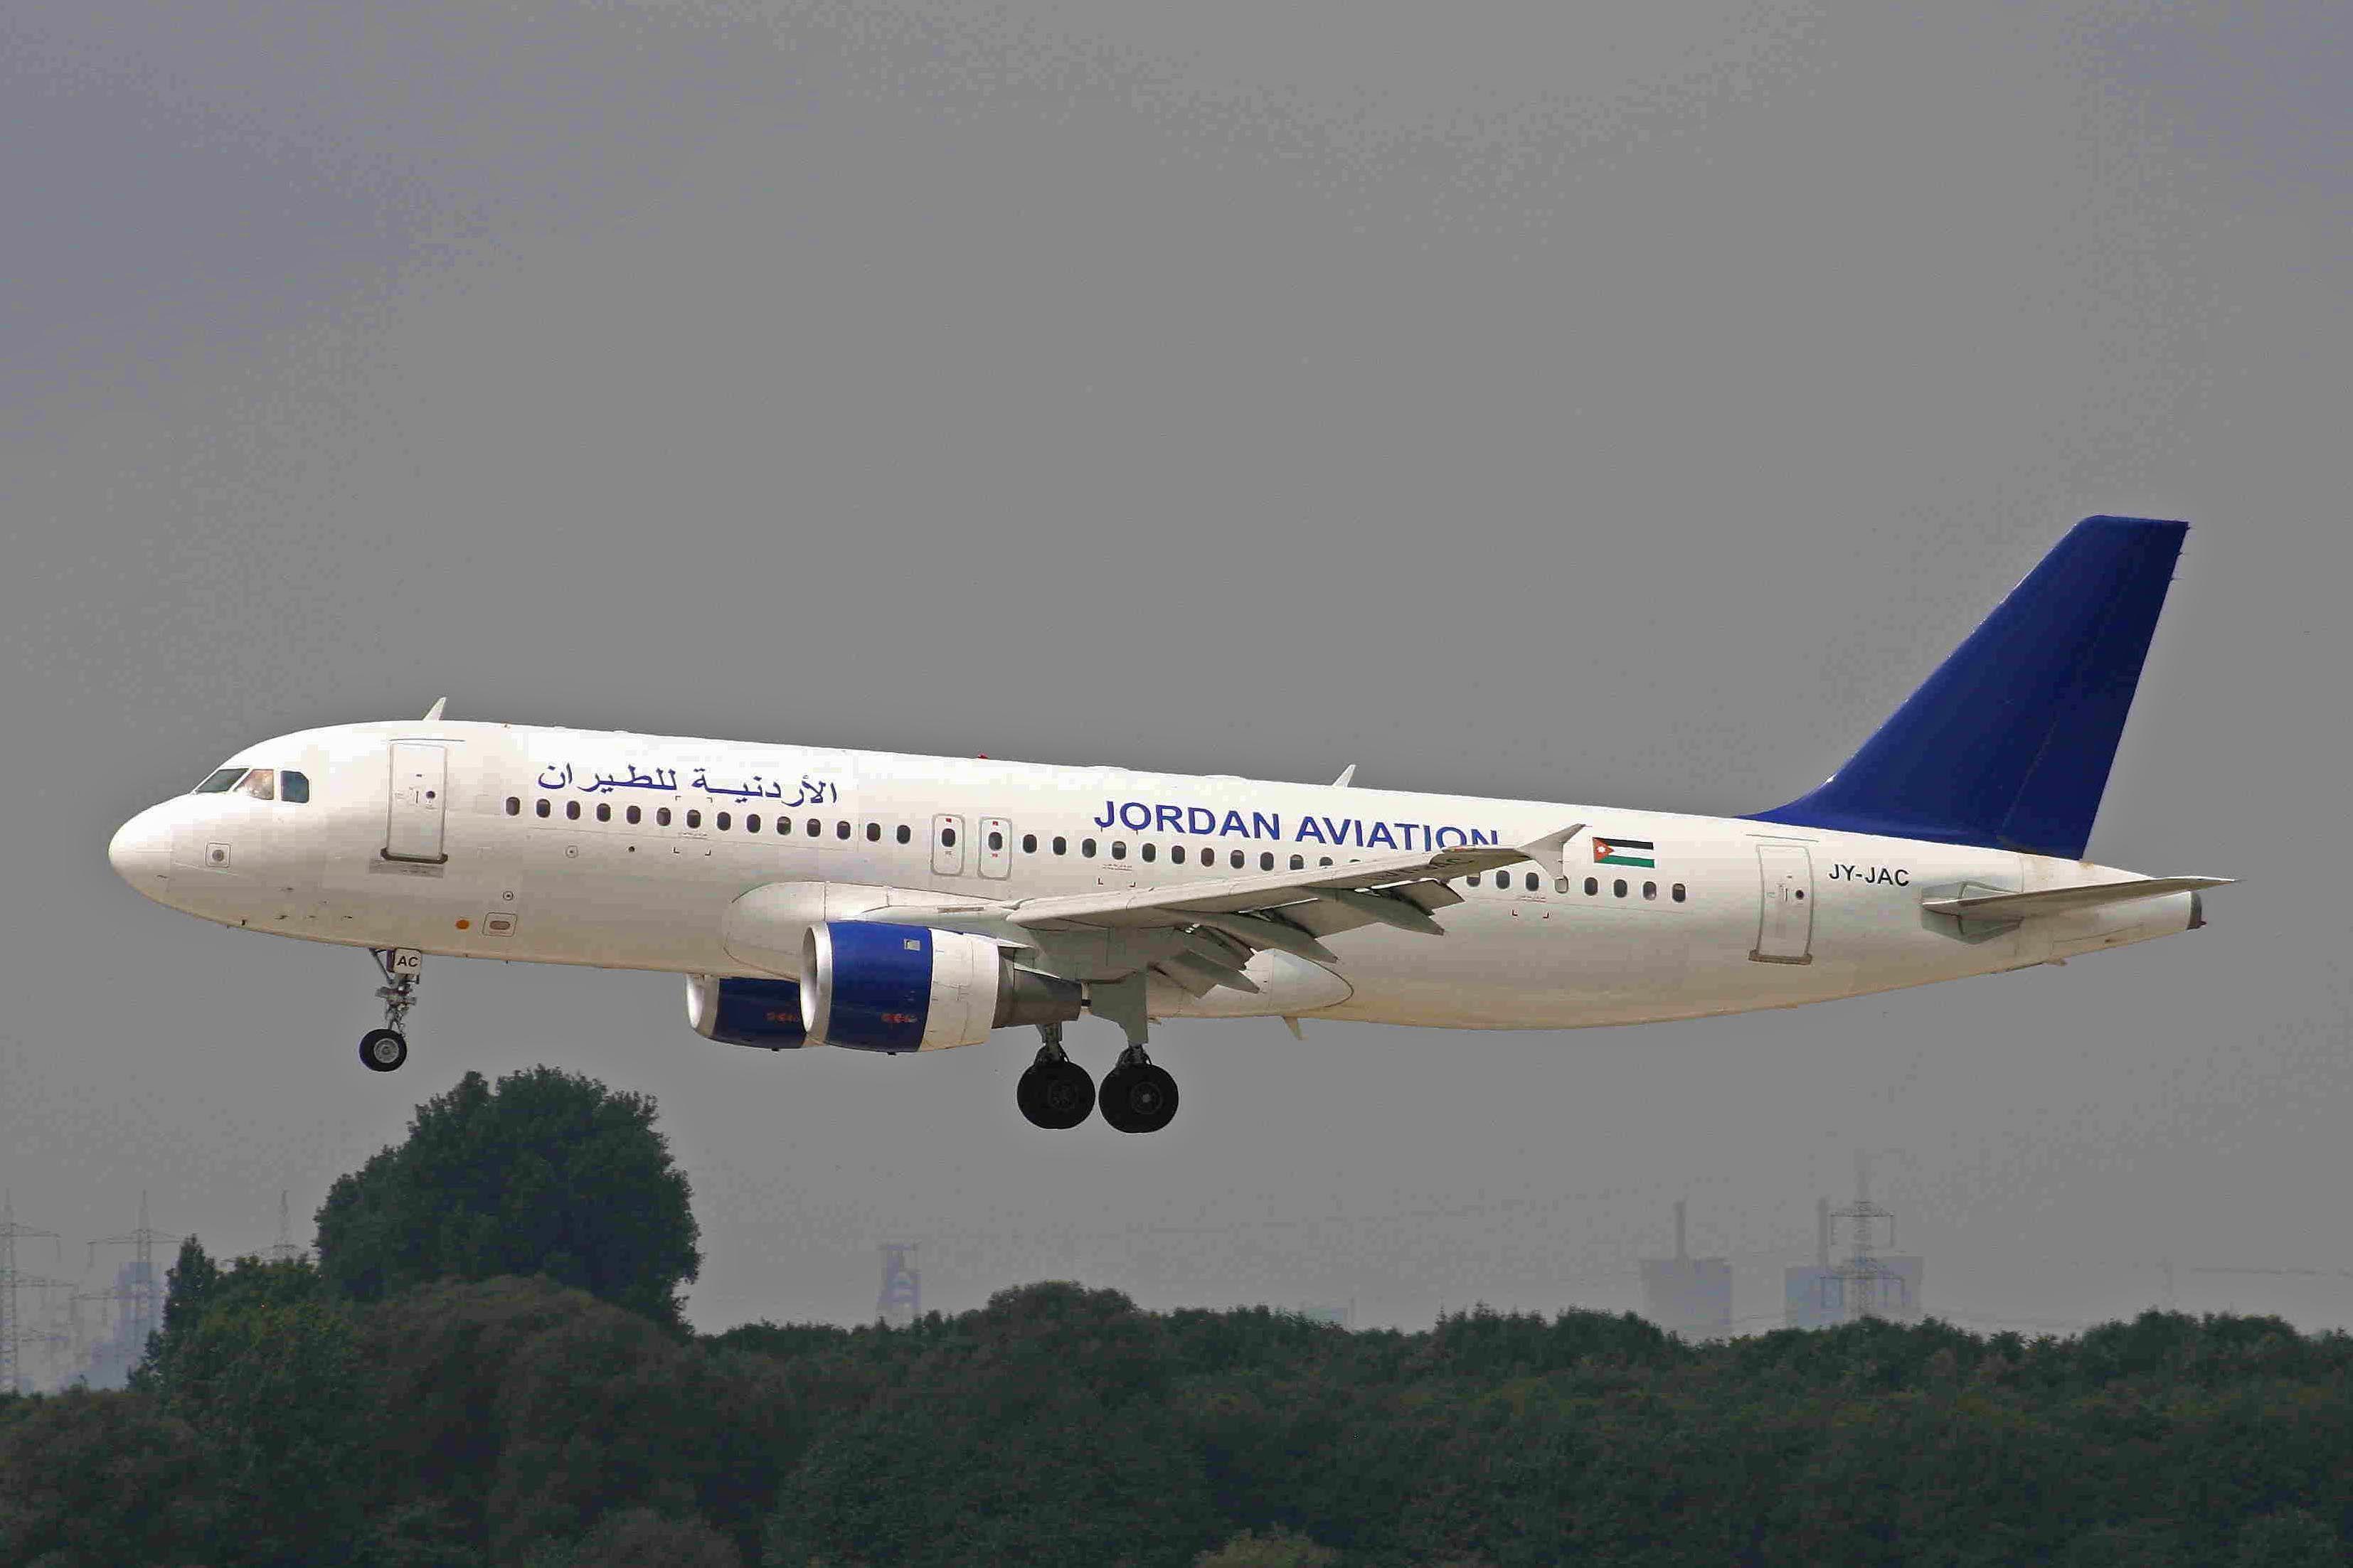 الأردنية للطيران Passenger Jet Passenger Airlines